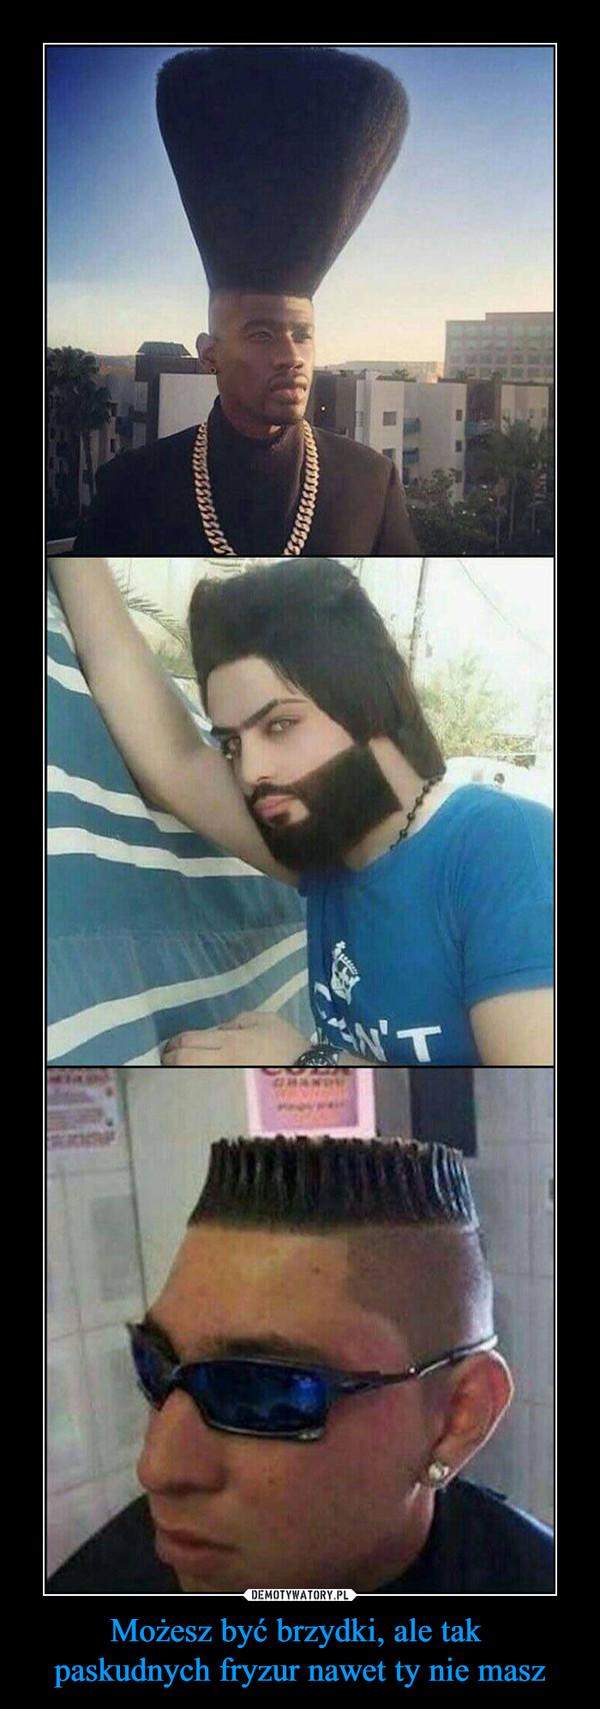 Możesz być brzydki, ale tak paskudnych fryzur nawet ty nie masz –